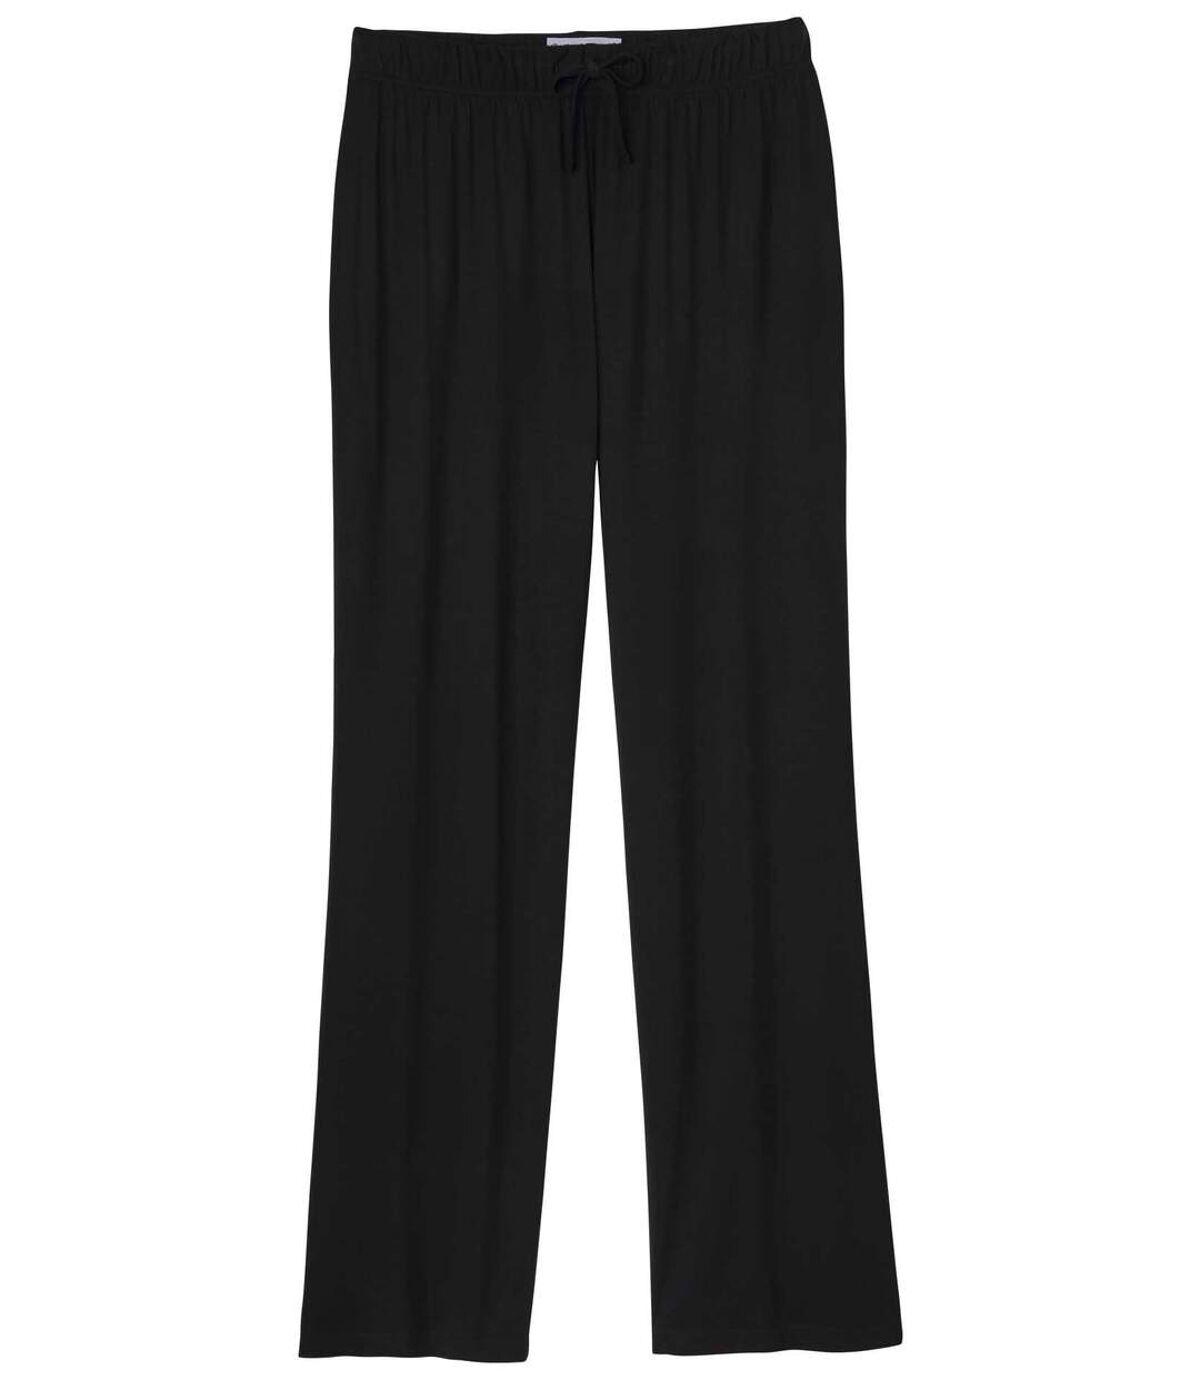 Women's Black Flowy Stretch Pants Atlas For Men